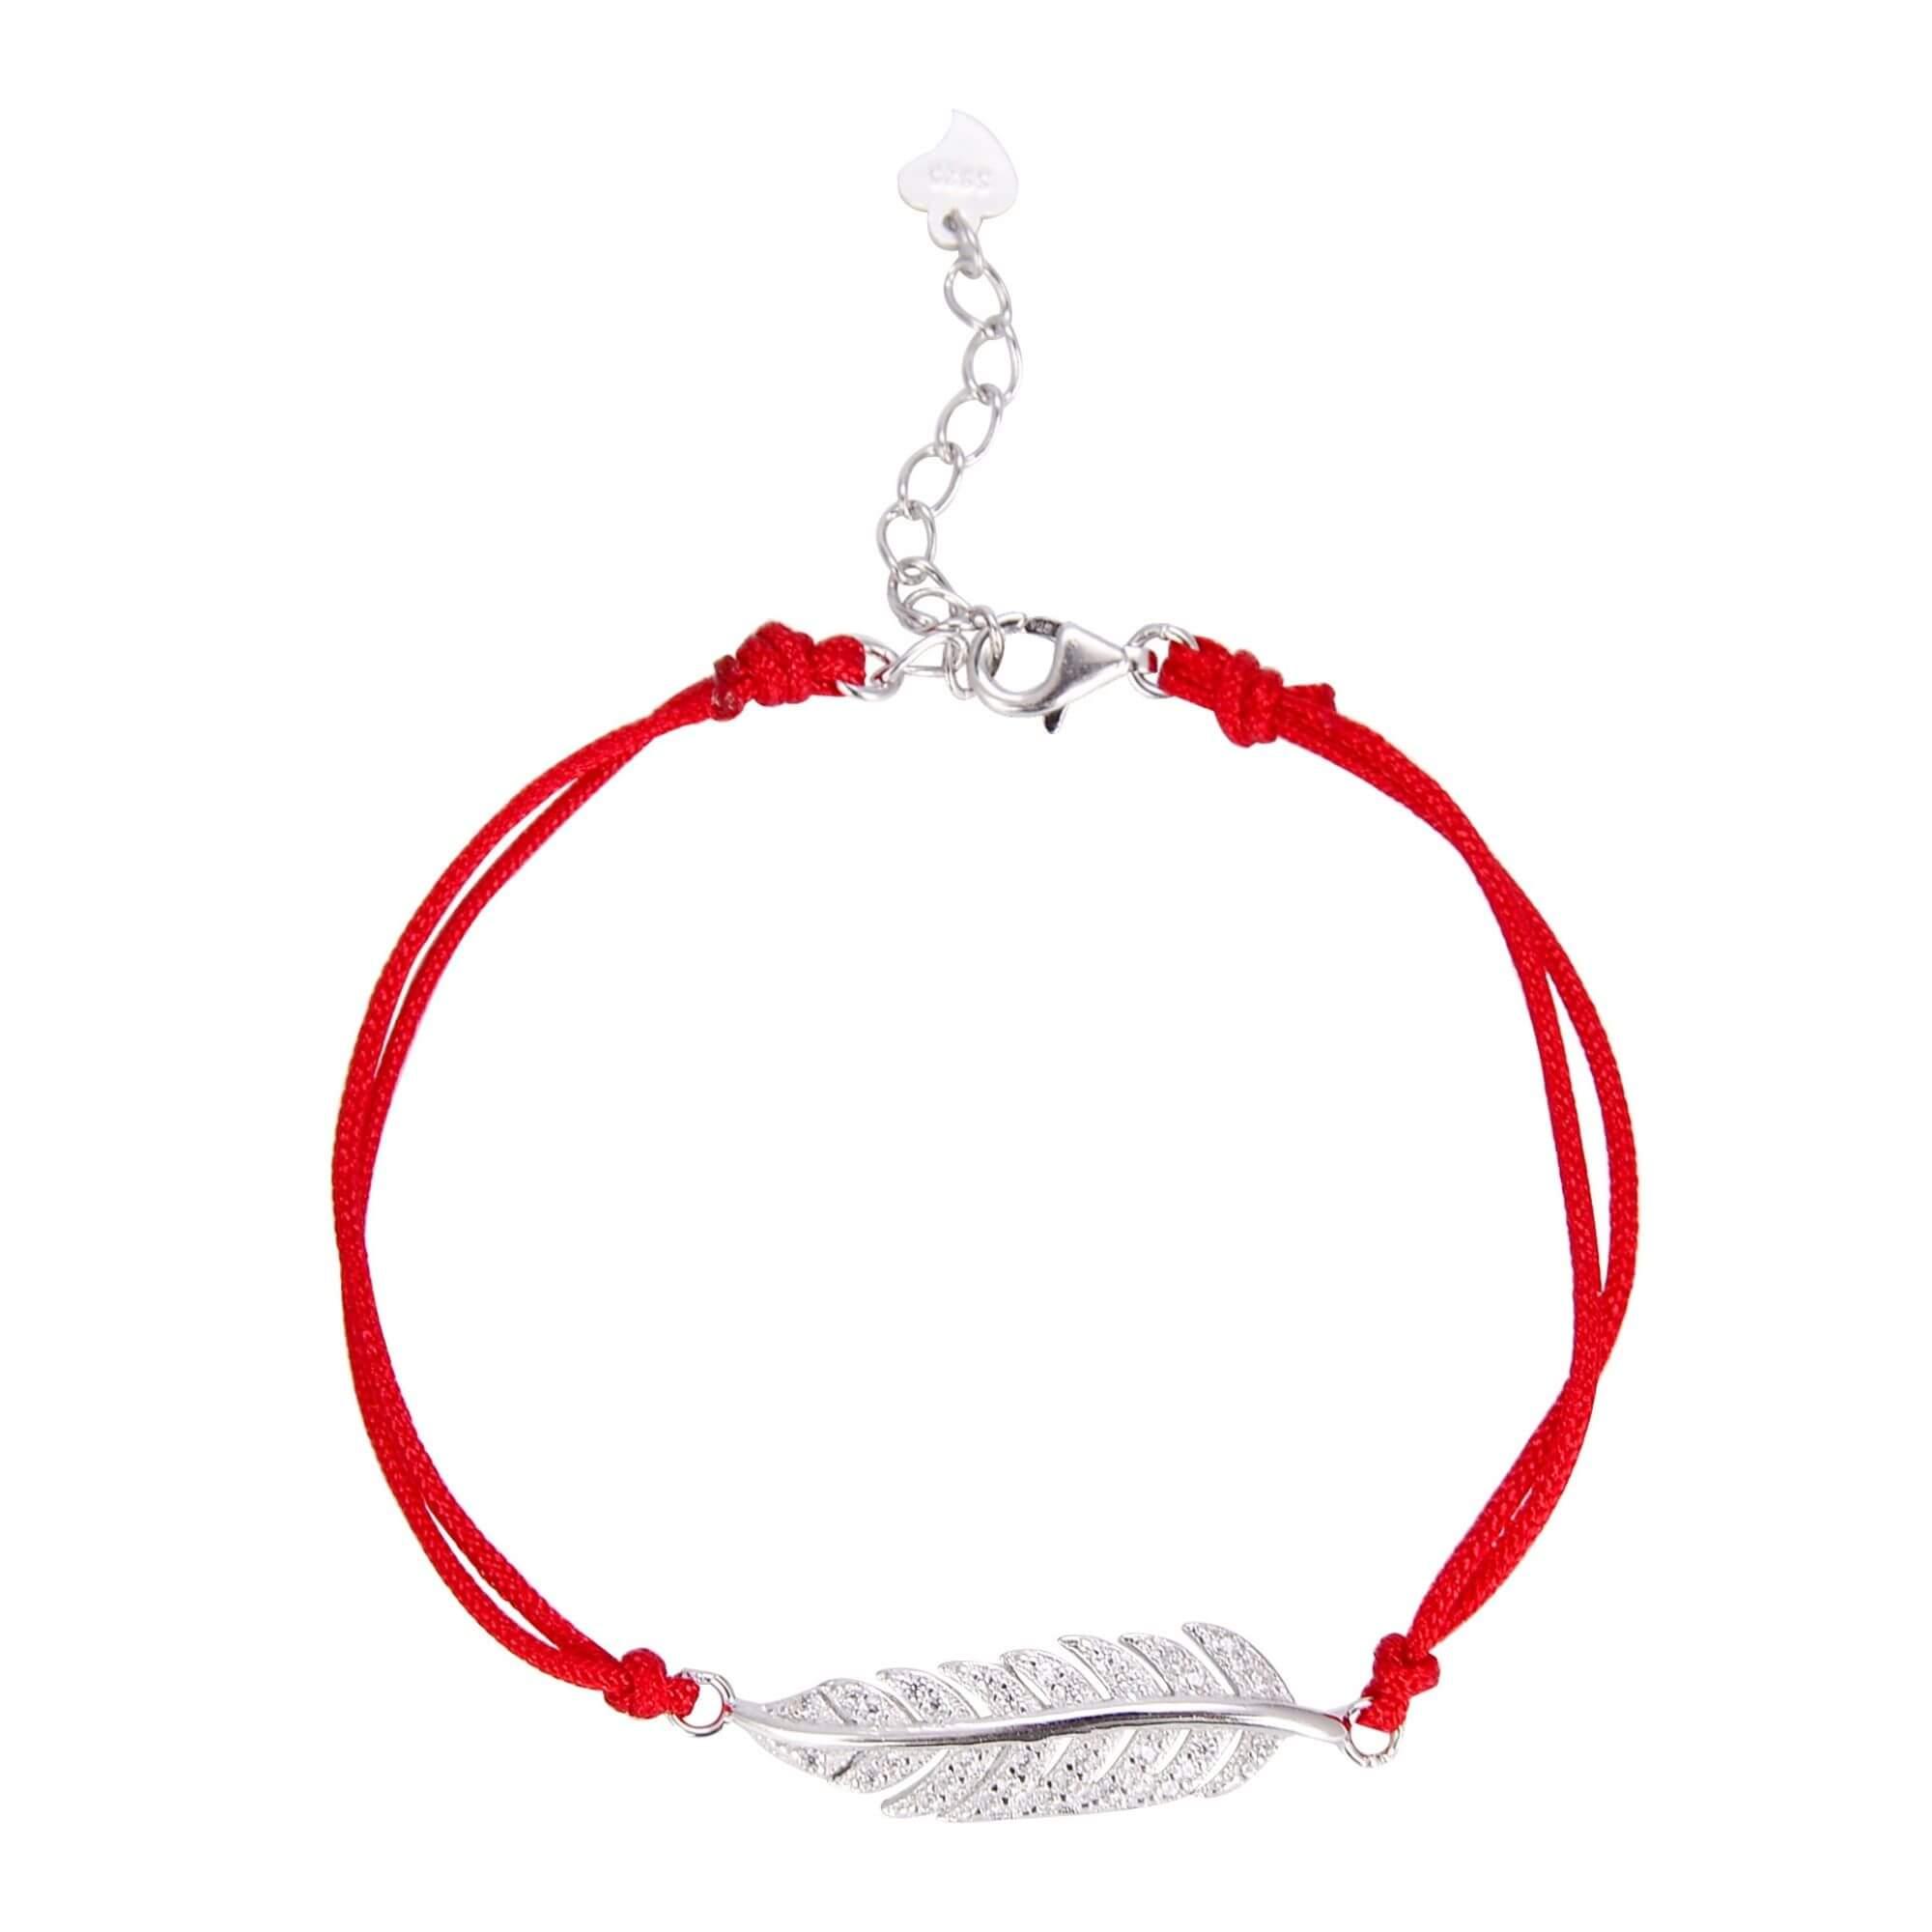 Колекция от продукти: Гривна с червен конец и сребърен елемент предоставени от Silentijewelry